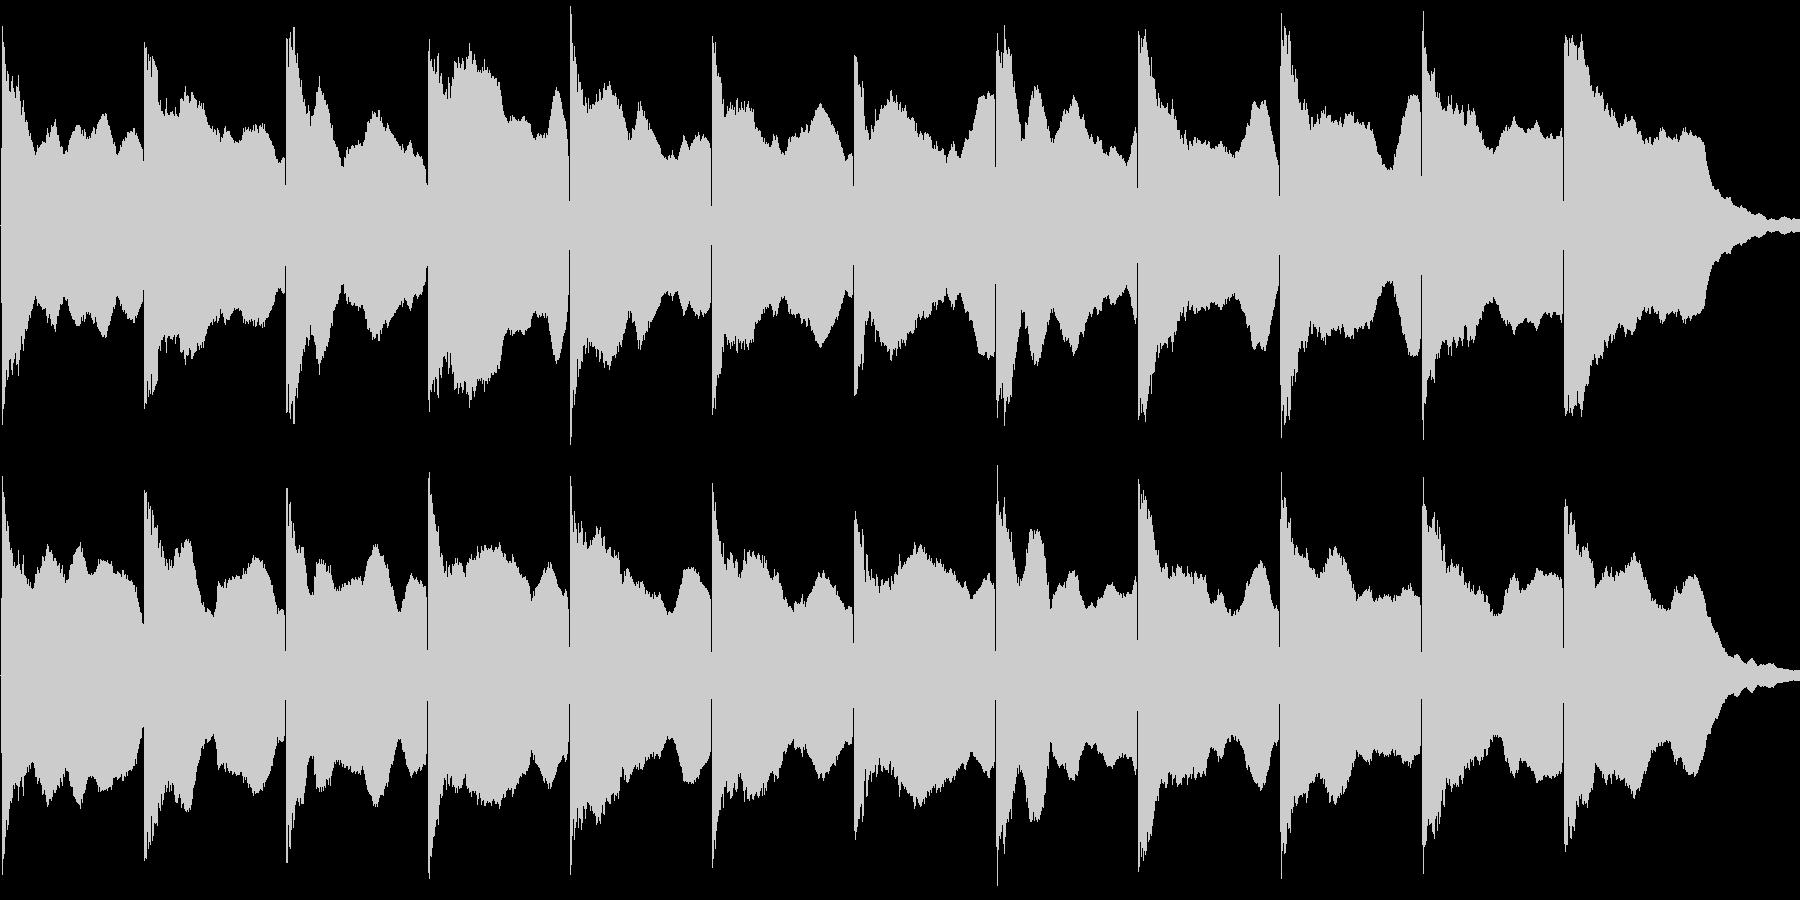 カンカン音 サイレン 警笛 踏切音の未再生の波形